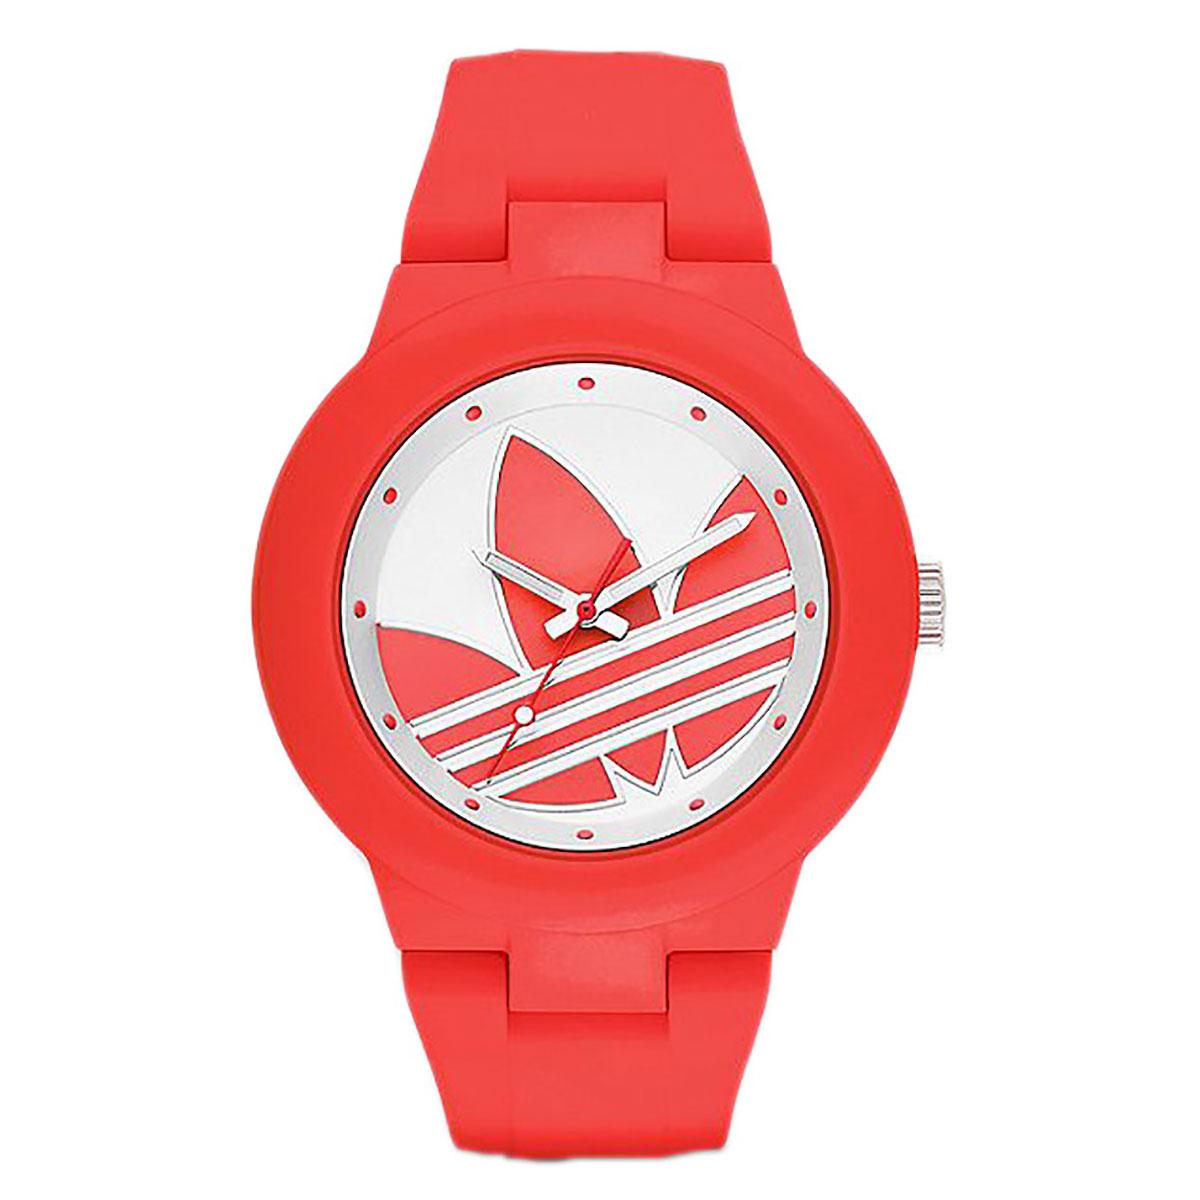 นาฬิกาผู้ชาย Adidas รุ่น ADH3115